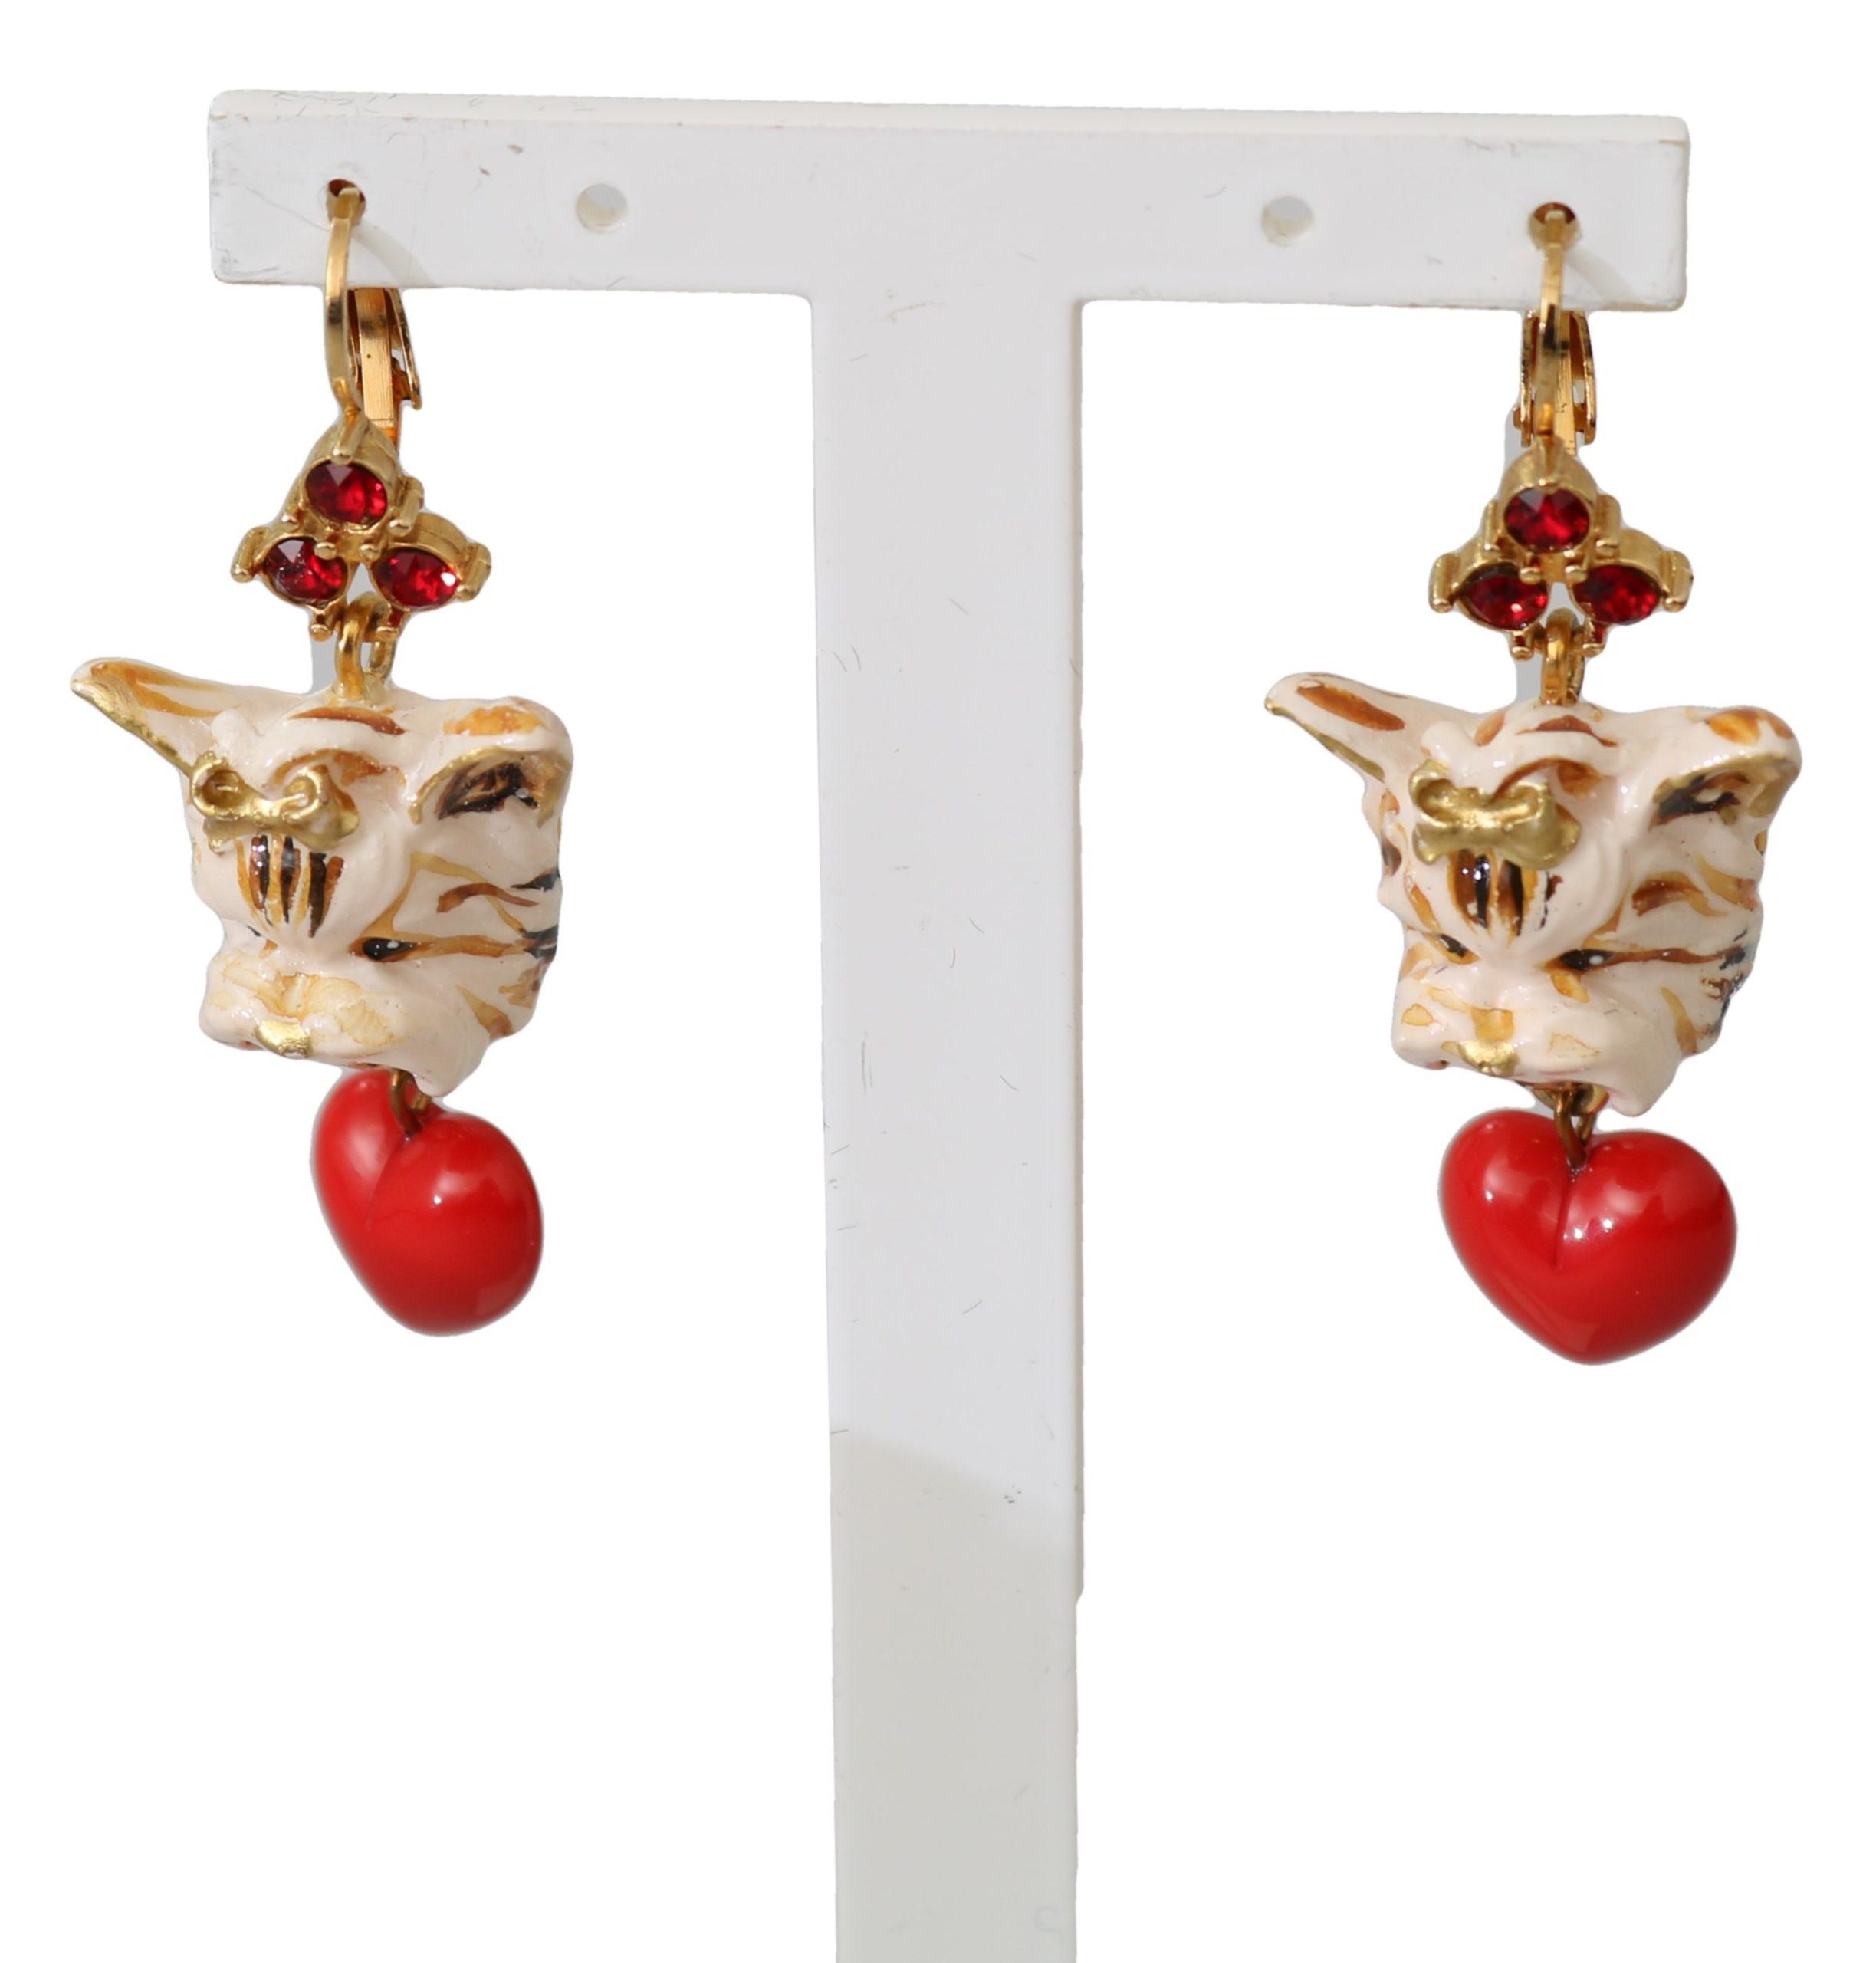 Dolce & Gabbana Women's Crystal Brass Leverback Earrings Red SMY100137